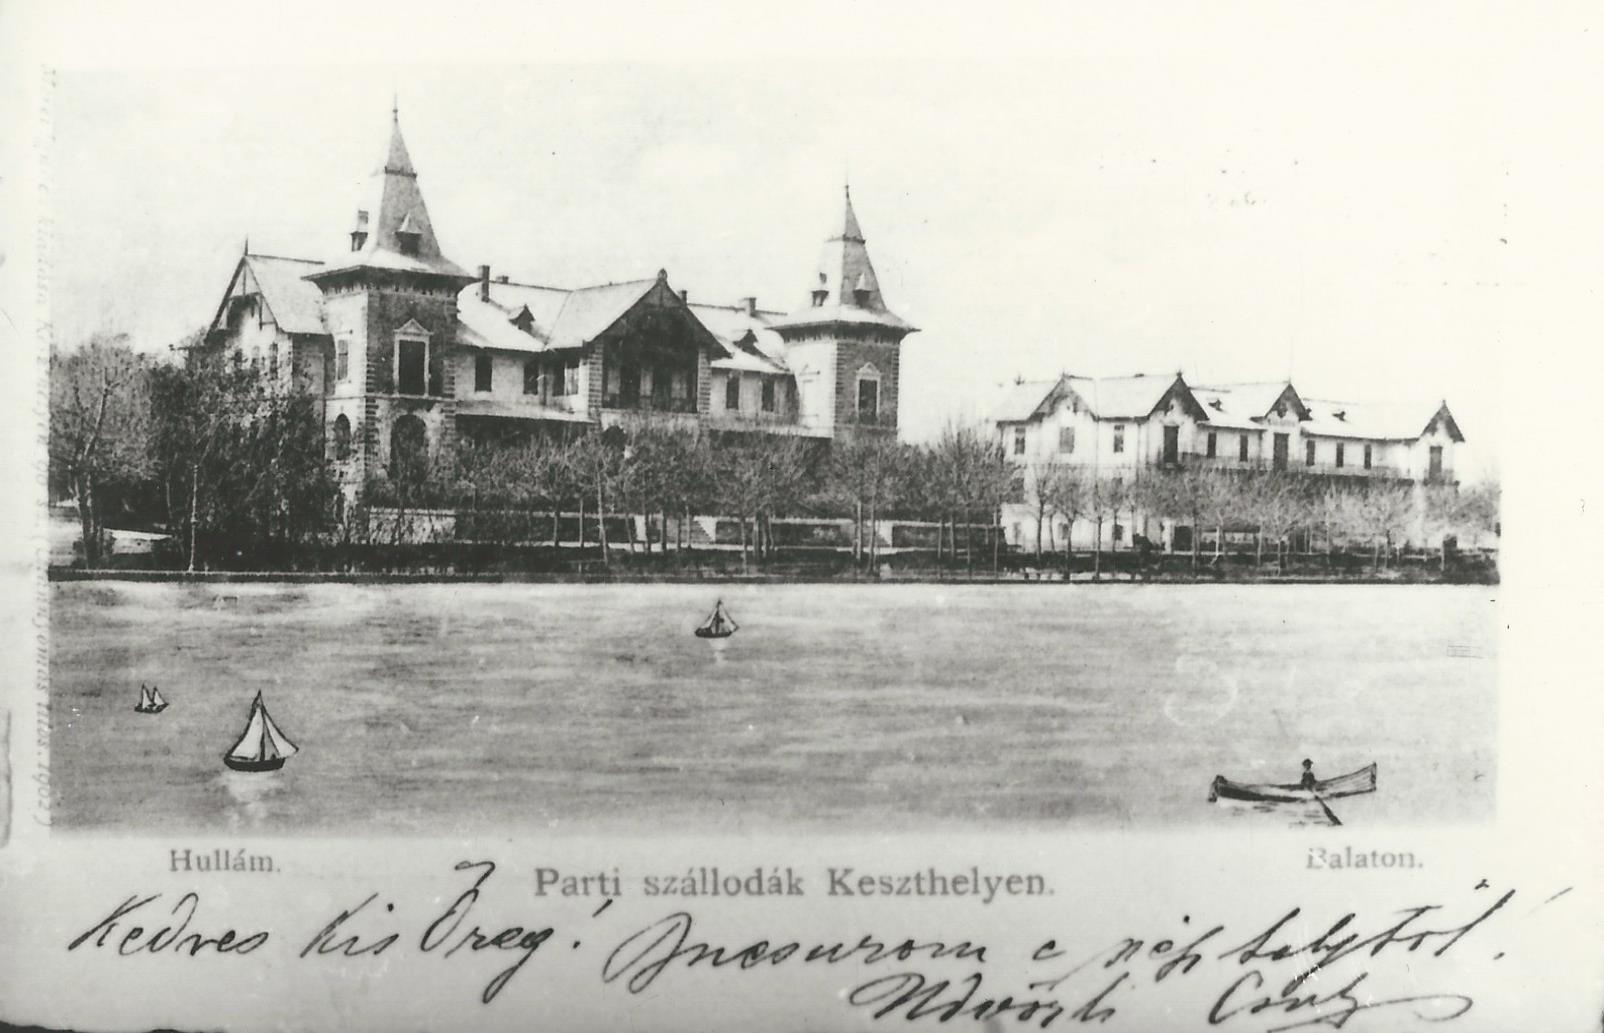 1920<br />forrás: Magyar Nemzeti Digitális Archívum